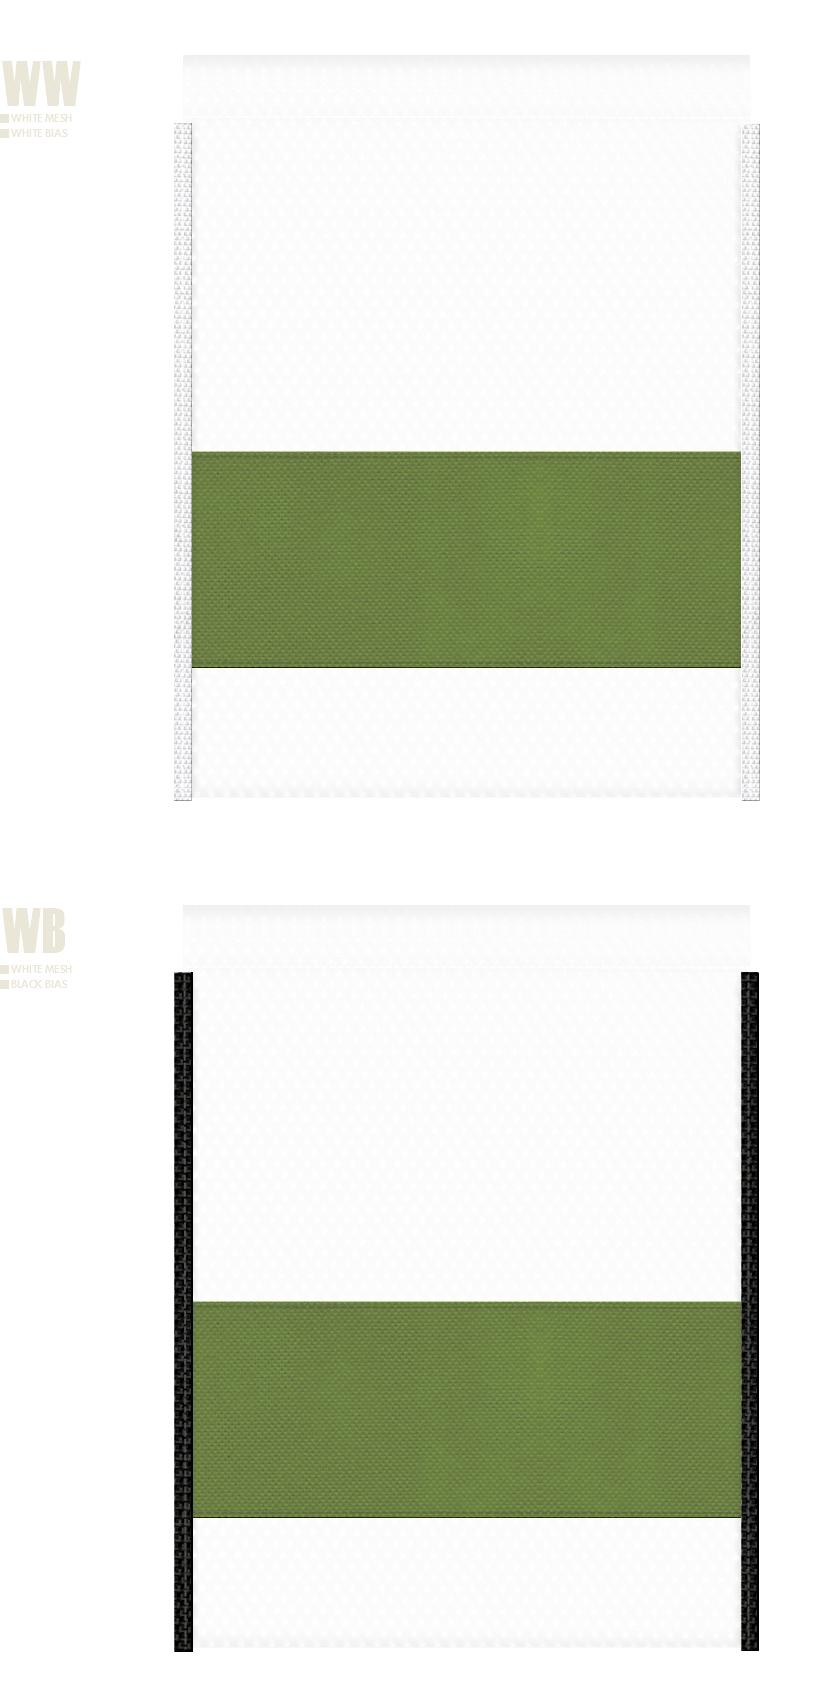 白色メッシュと草色不織布のメッシュバッグカラーシミュレーション:漢方薬・キャンプ用品・アウトドア用品・スポーツ用品・シューズバッグにお奨め